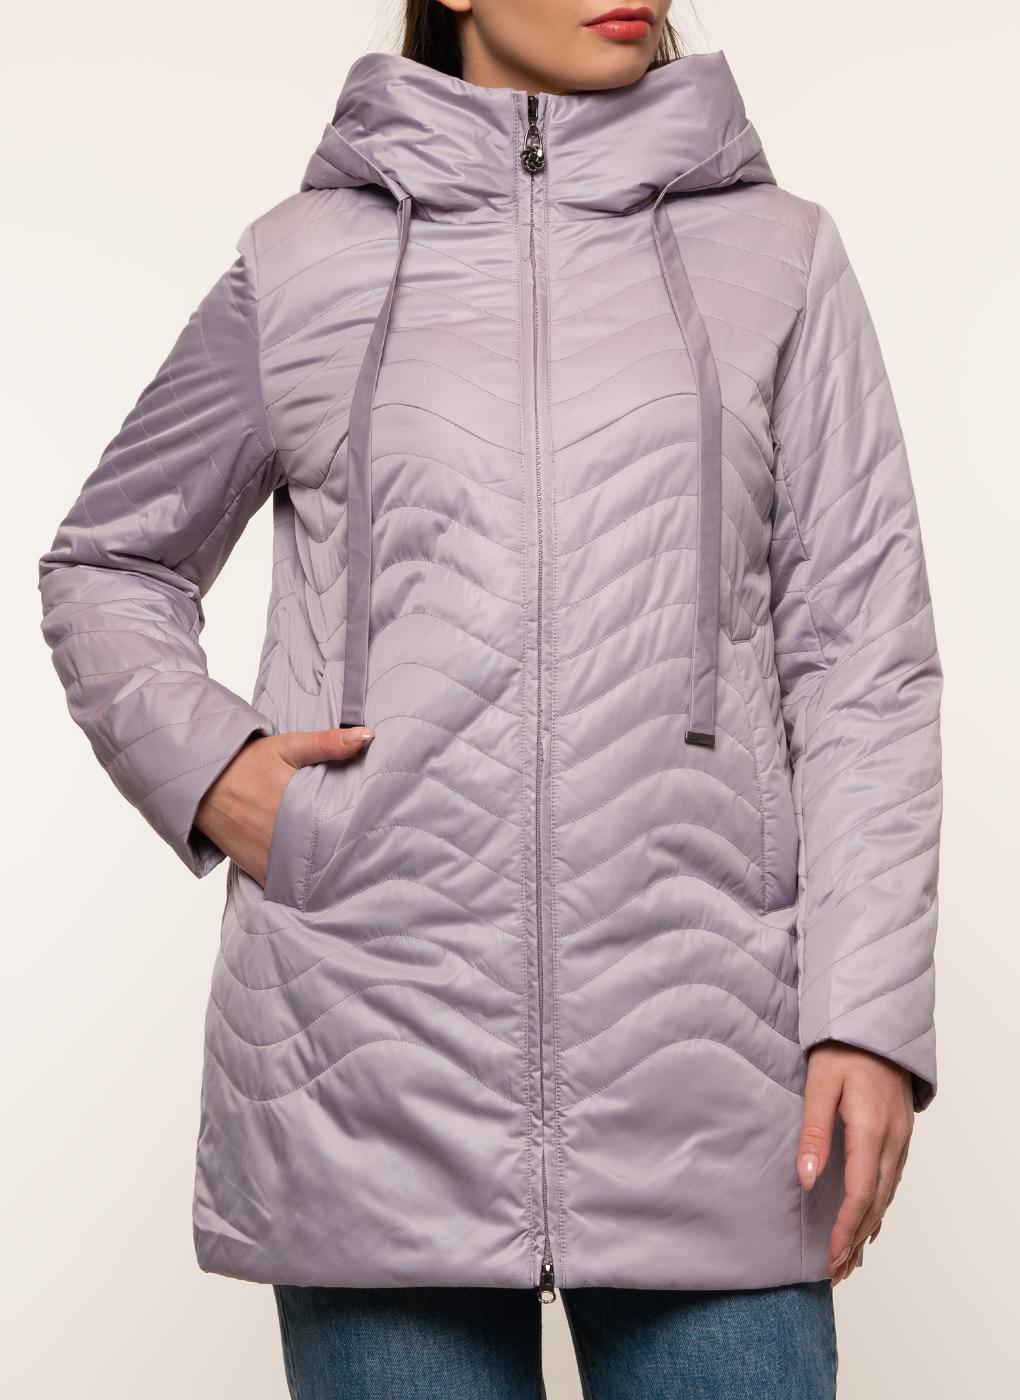 Куртка утепленная 06, ALYASKA фото